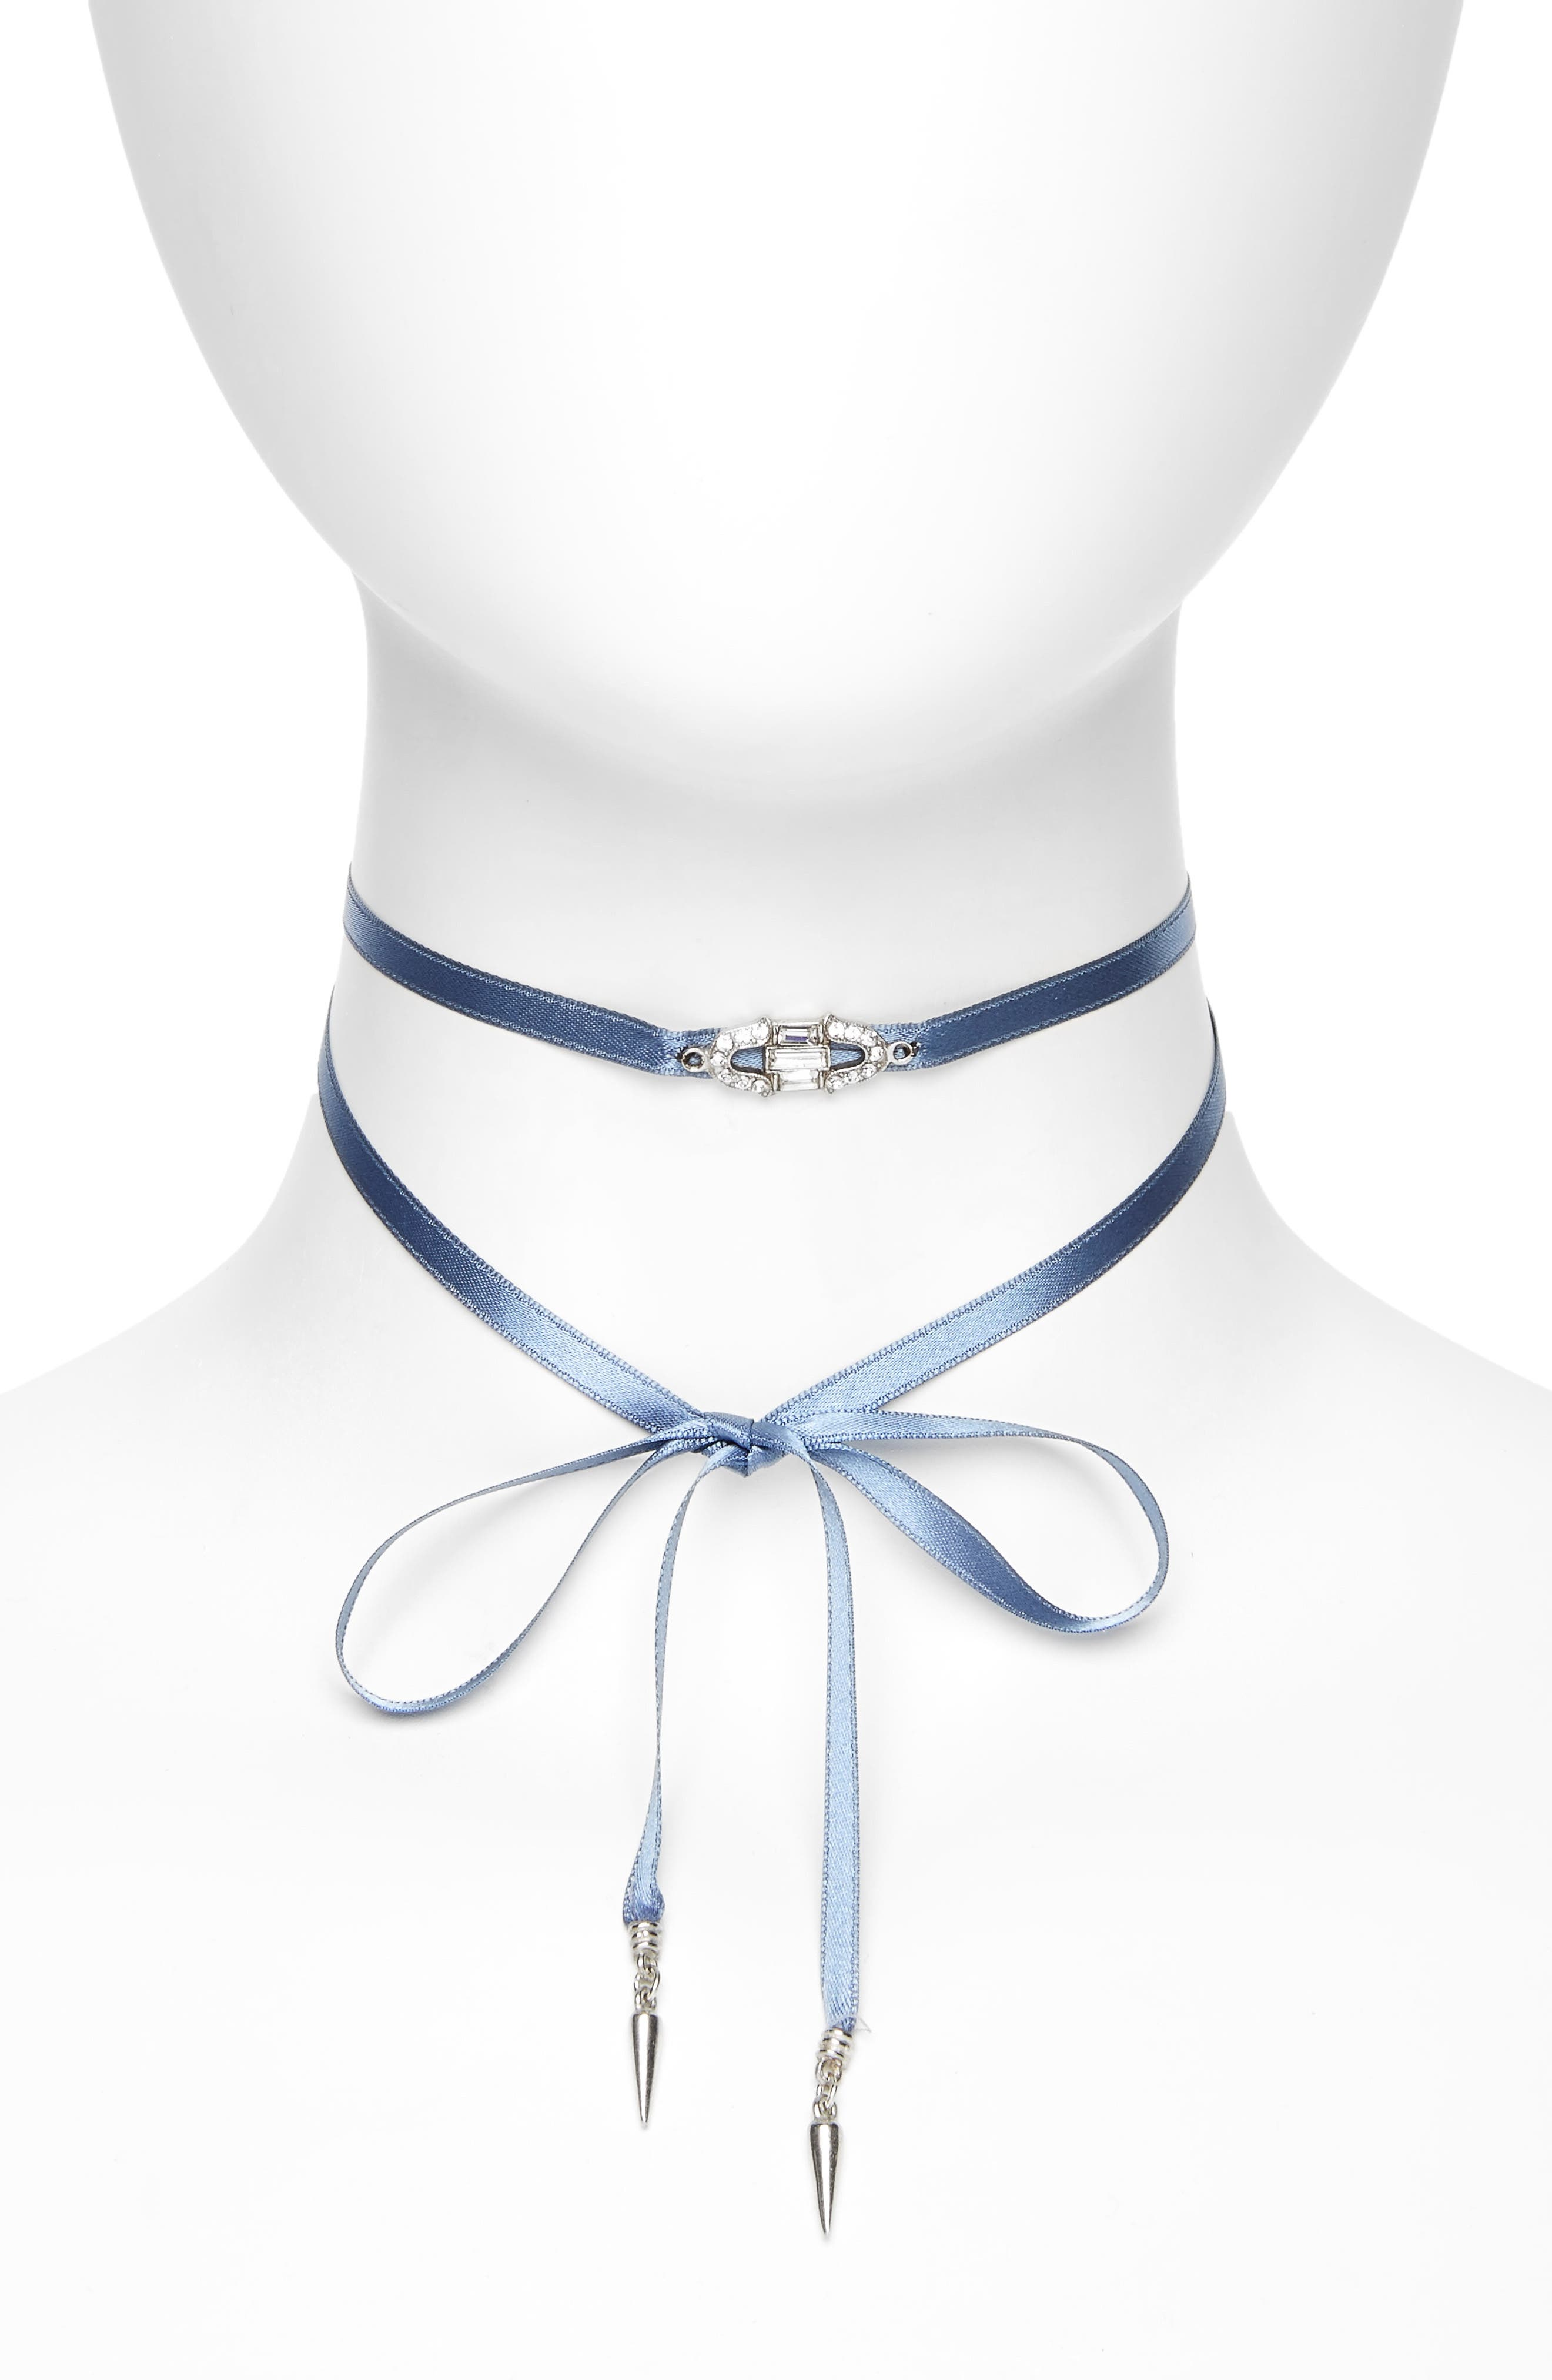 Ben-Amur Deco Wrap Choker Necklace